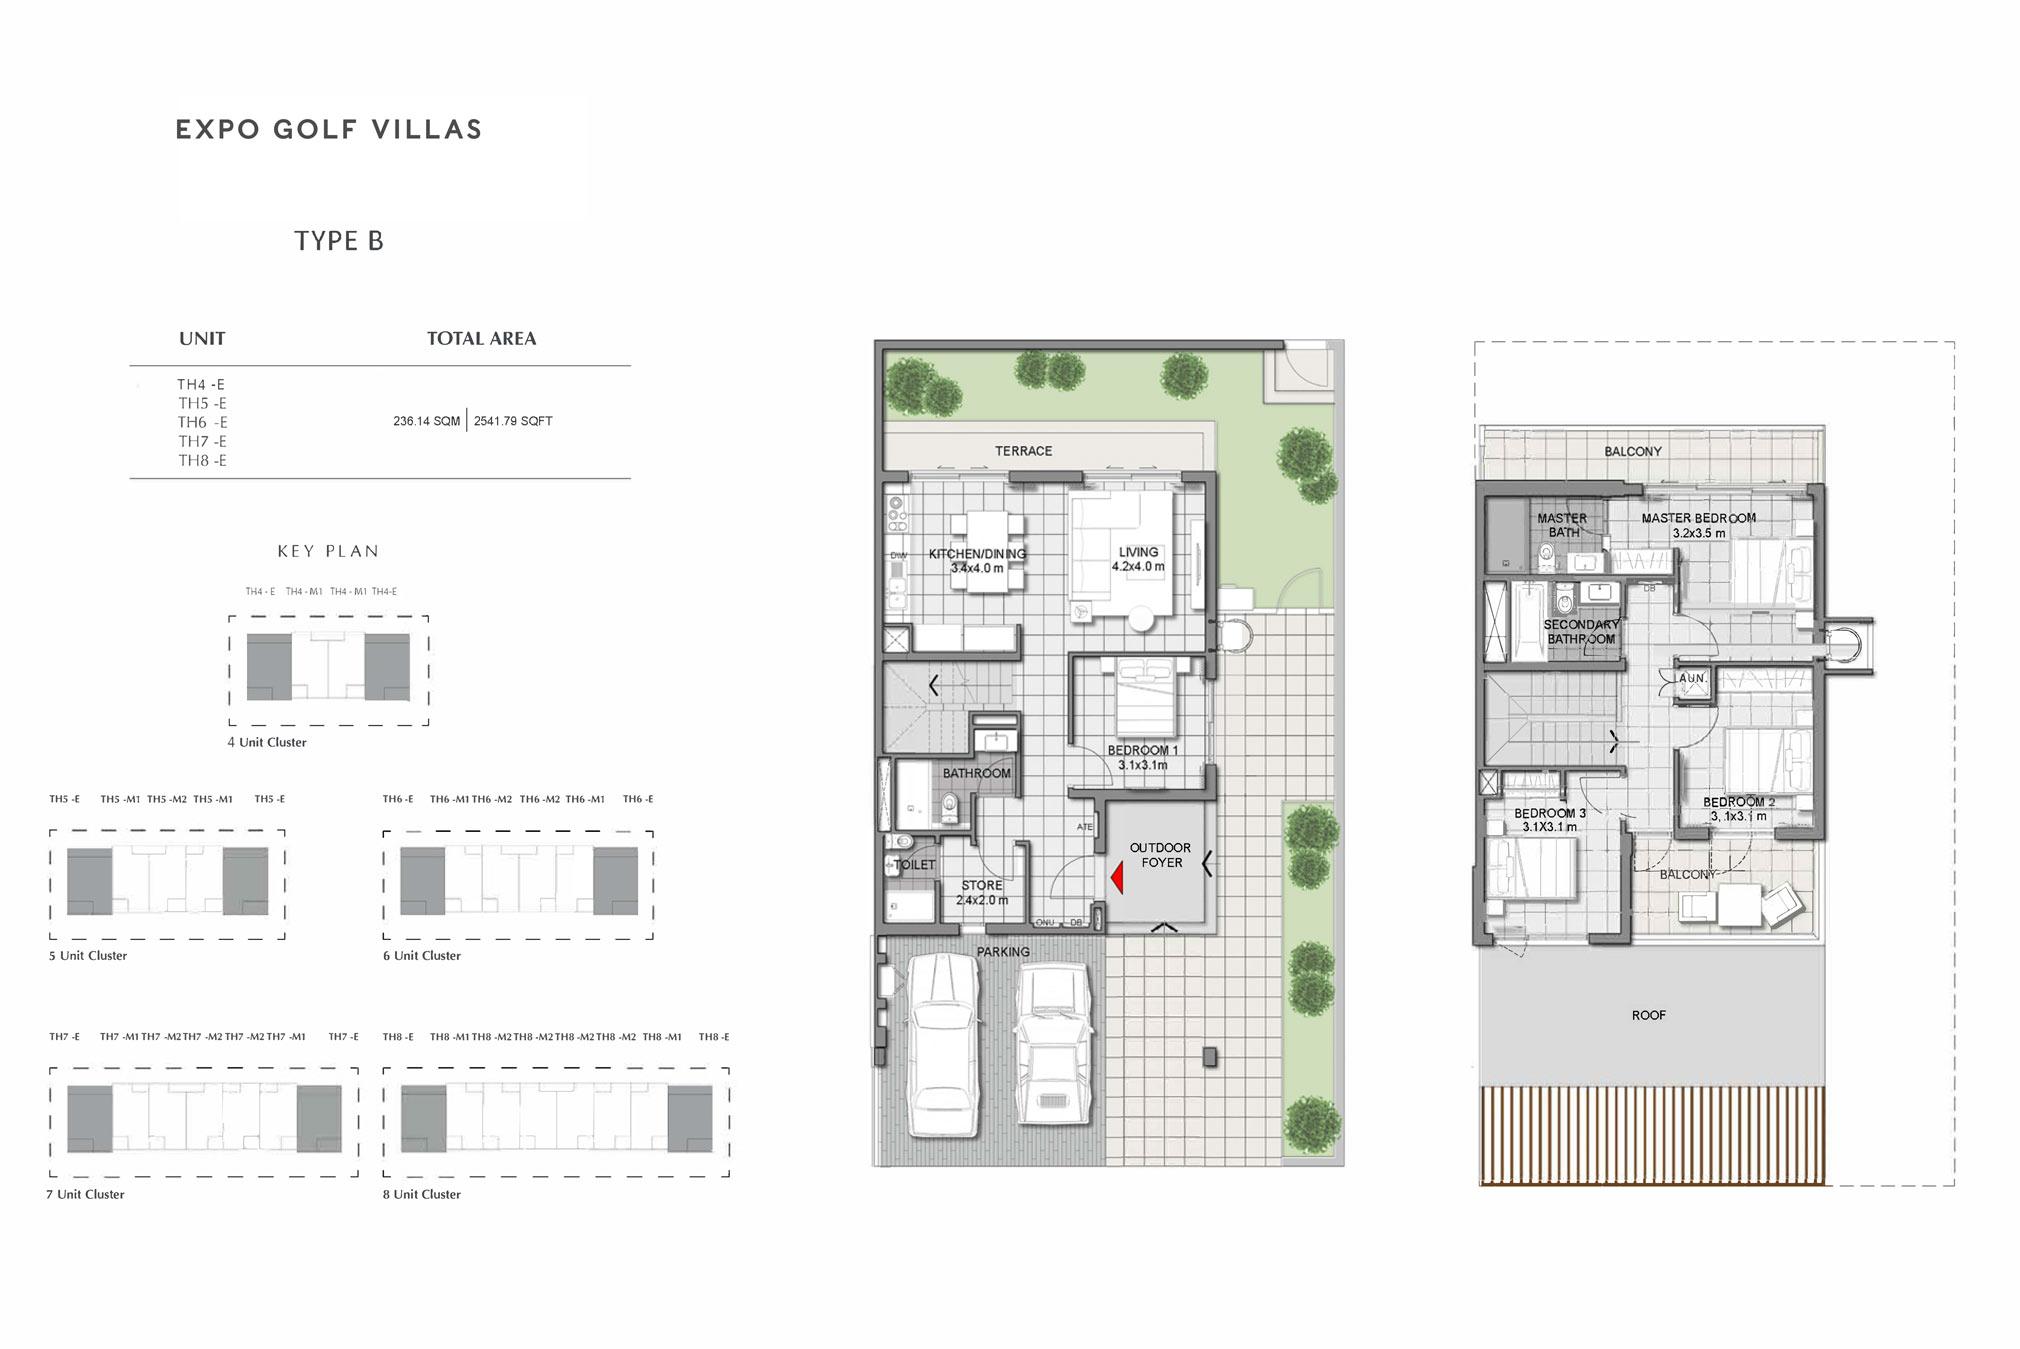 4 Bedroom Villas Size 2541 Sq Ft